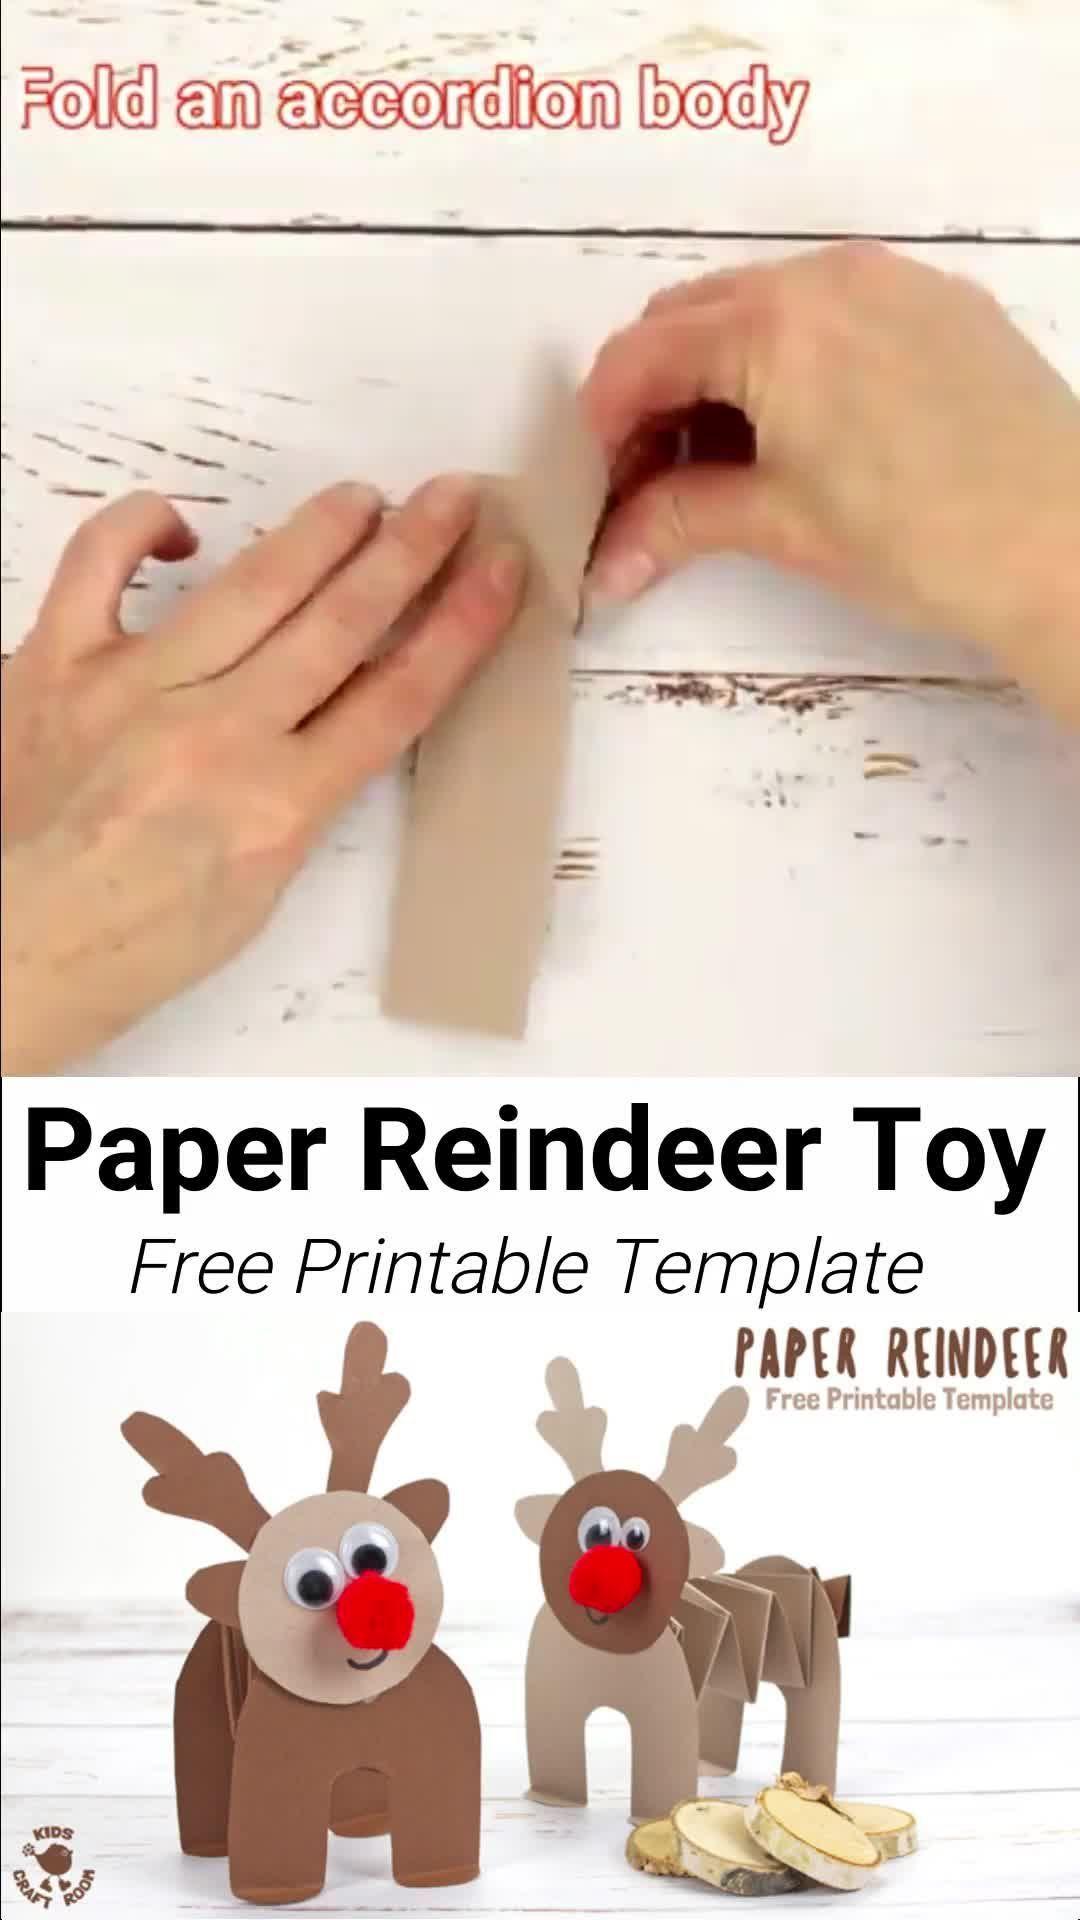 Printable Accordion Paper Reindeer Toys